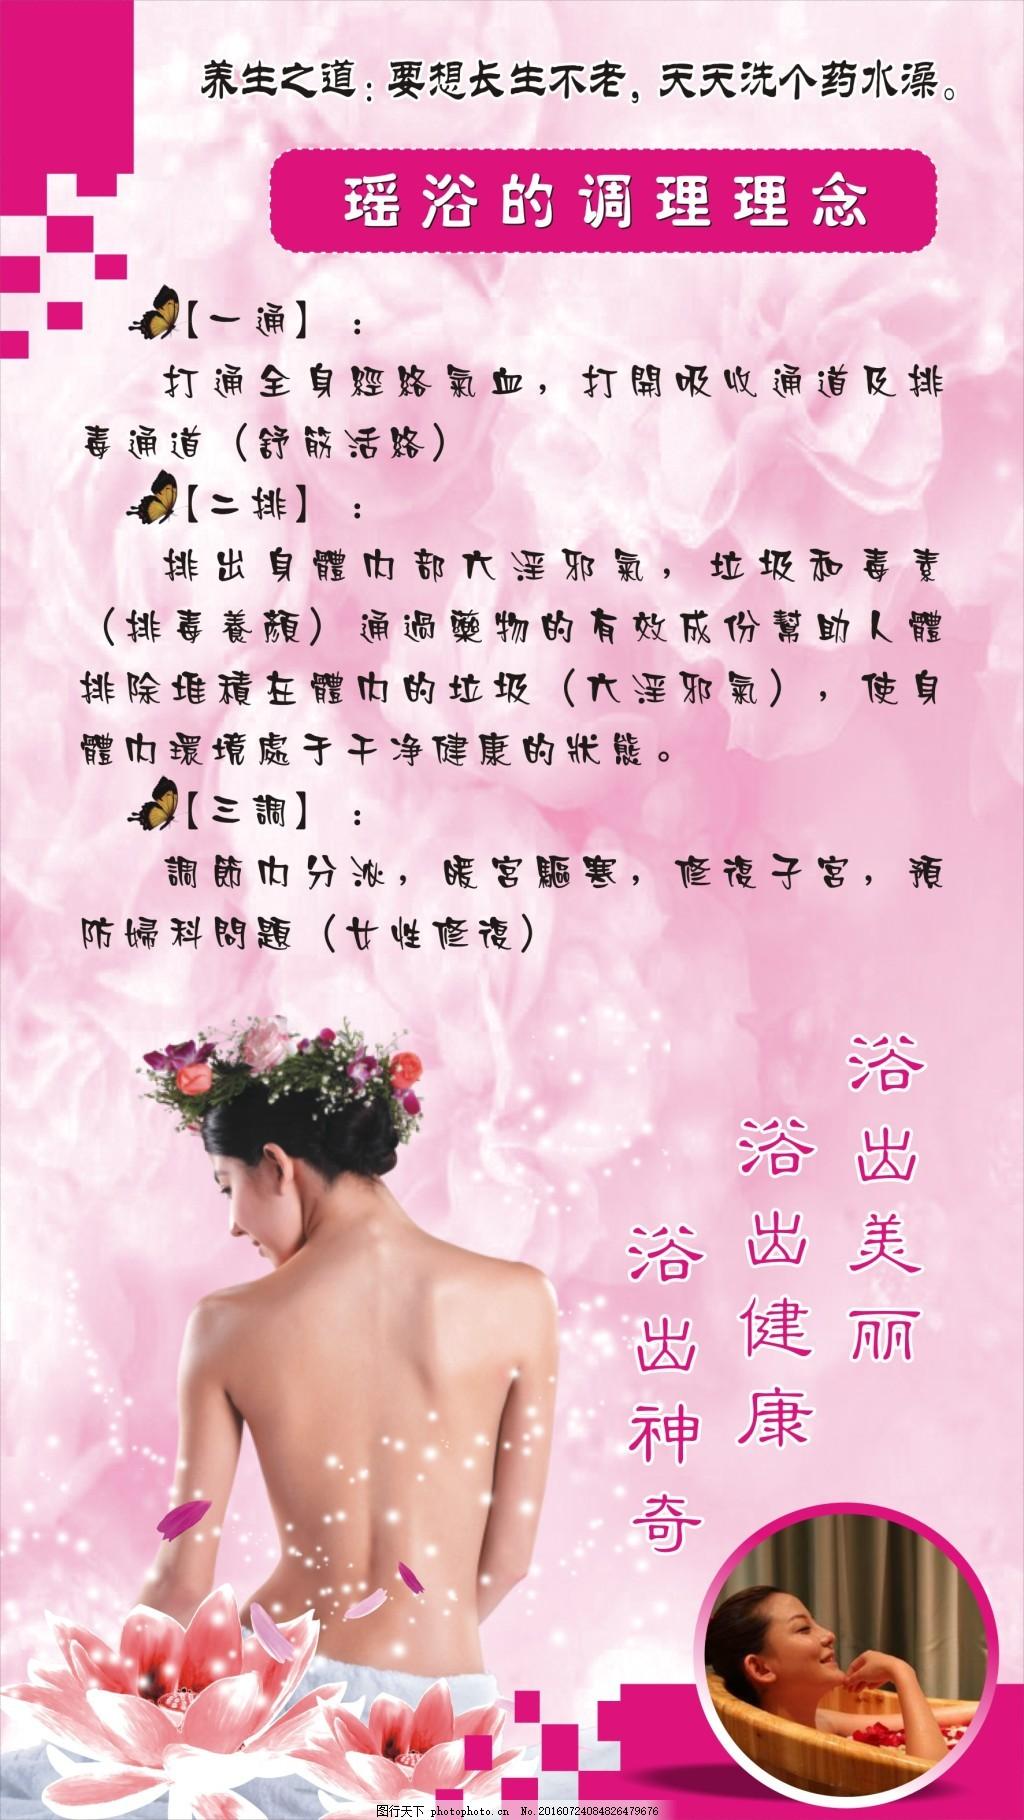 瑶浴 沐浴 泡澡 神奇瑶浴 瑶浴的好处 美容 养生 设计 广告设计 cdr